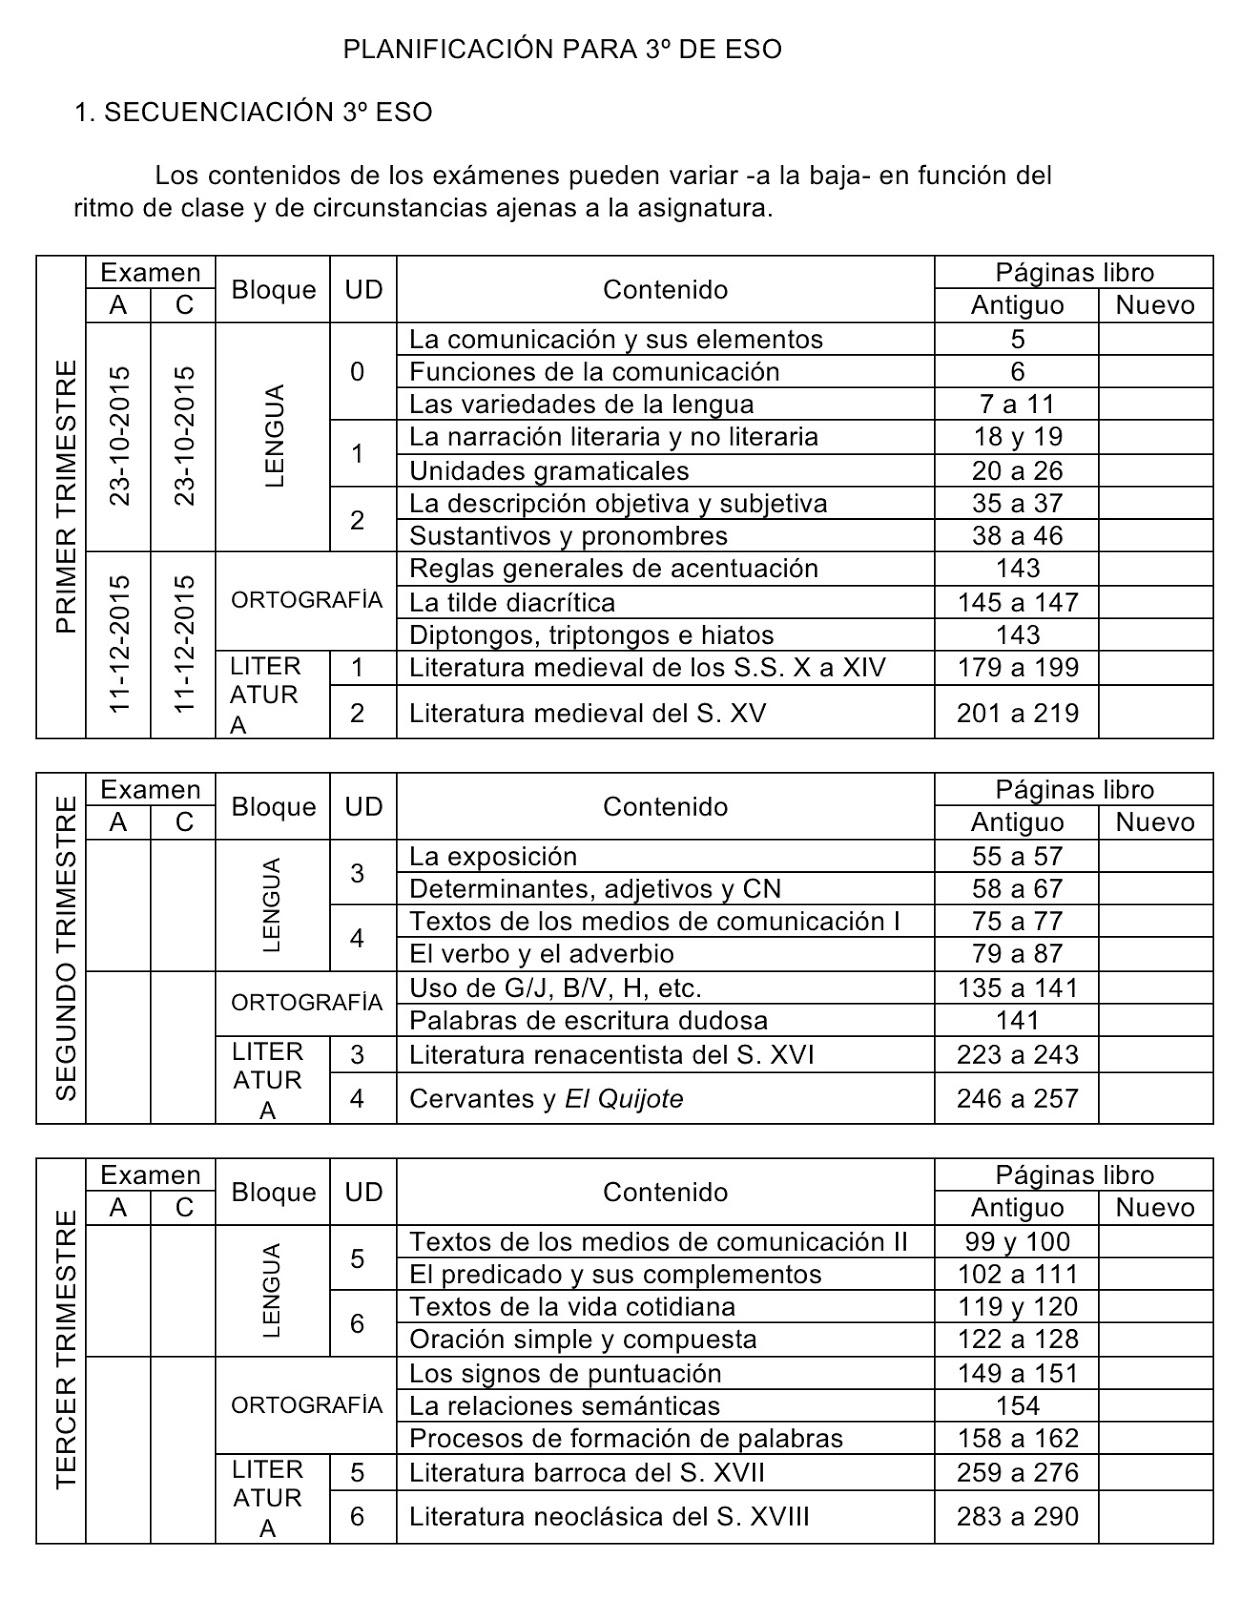 Anatomía del verbo: 20/09/15 - 27/09/15